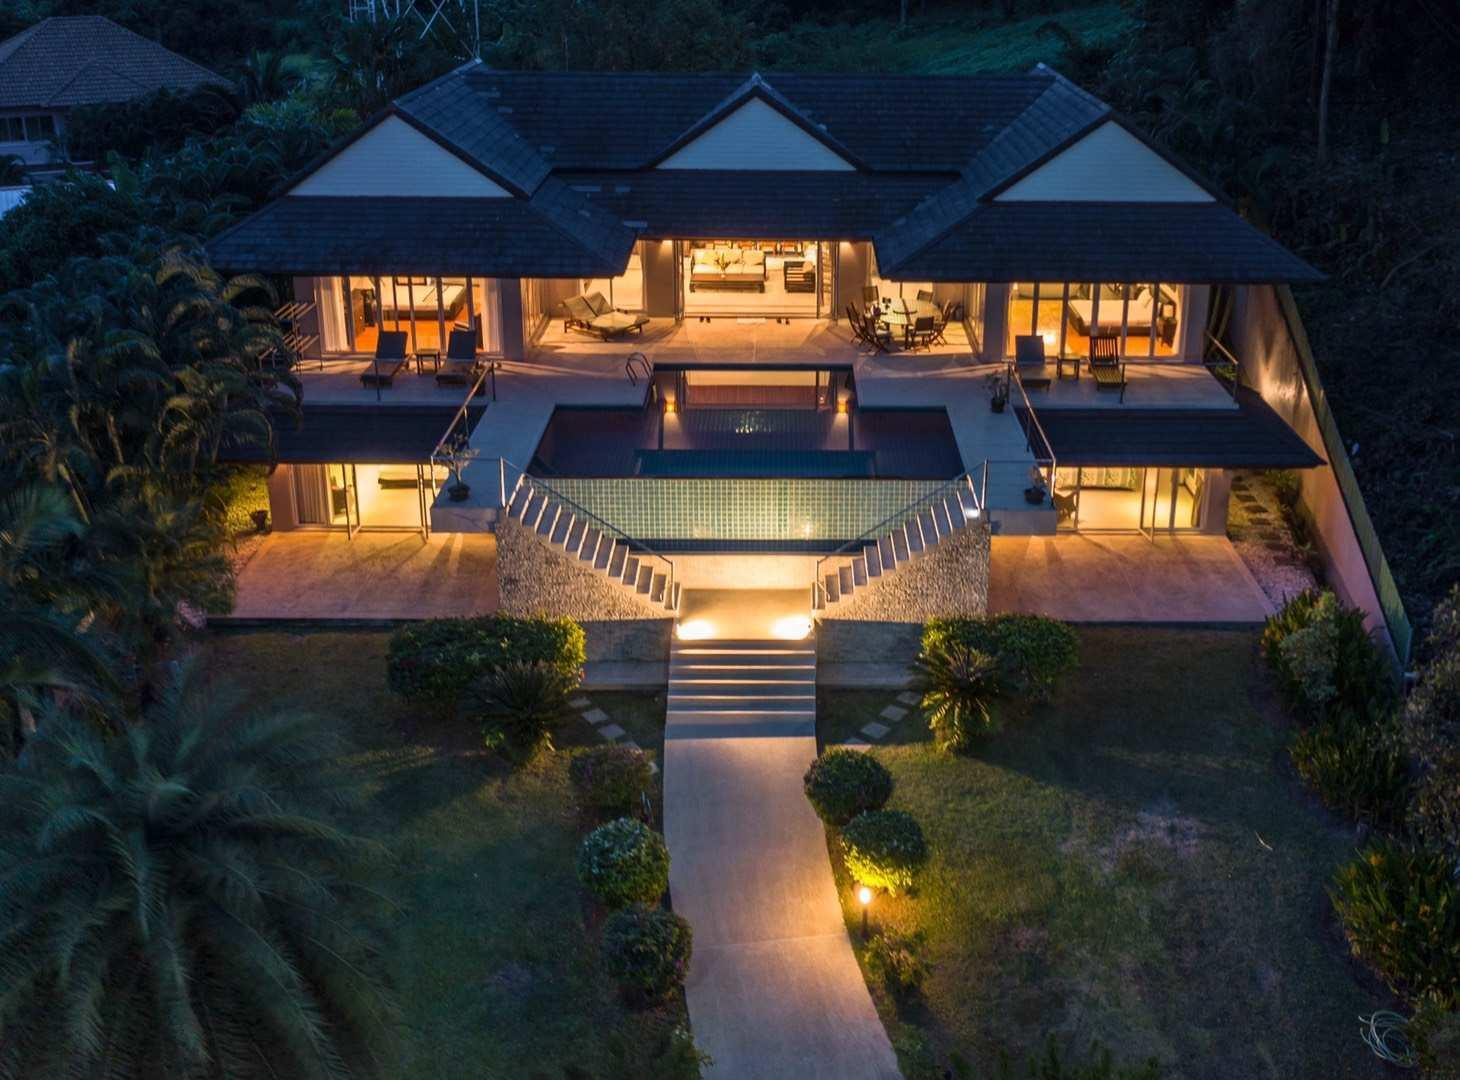 4Br Villa with big  garden and near beach วิลลา 4 ห้องนอน 4 ห้องน้ำส่วนตัว ขนาด 1600 ตร.ม. – อ่าวปอ/โบ๊ท ลากูน